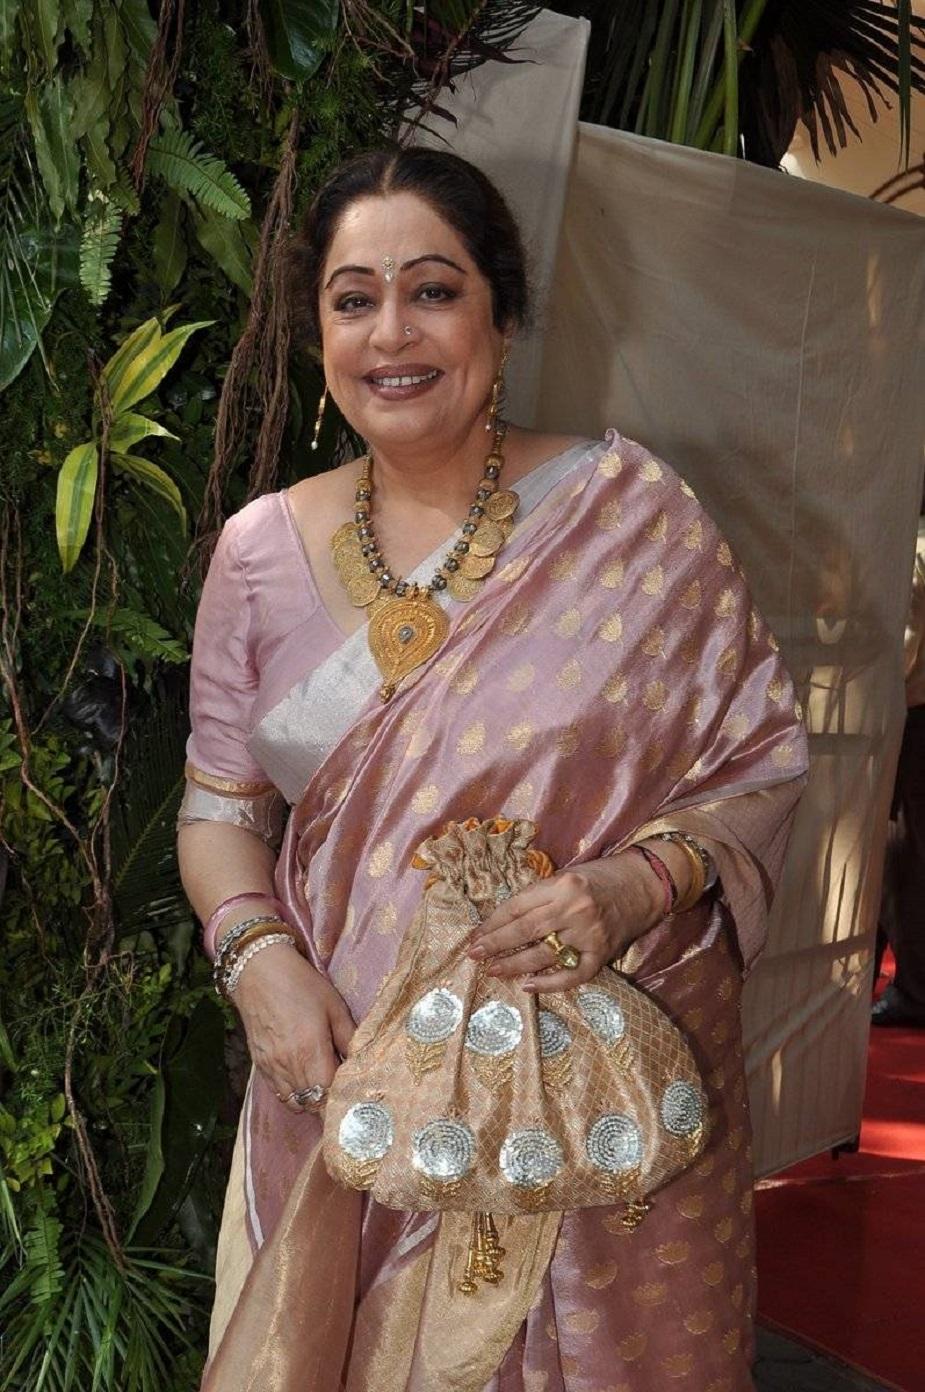 किरण खेर के करियर की शुरुआत हुई थी पंजाबी फीचर फिल्म आसरा प्यार दा से. ये फिल्म 1983 में आई थी. इसके बाद वह 1996 में श्याम बेनेगल की फिल्म सरदारी बेगम में नजर आईं.